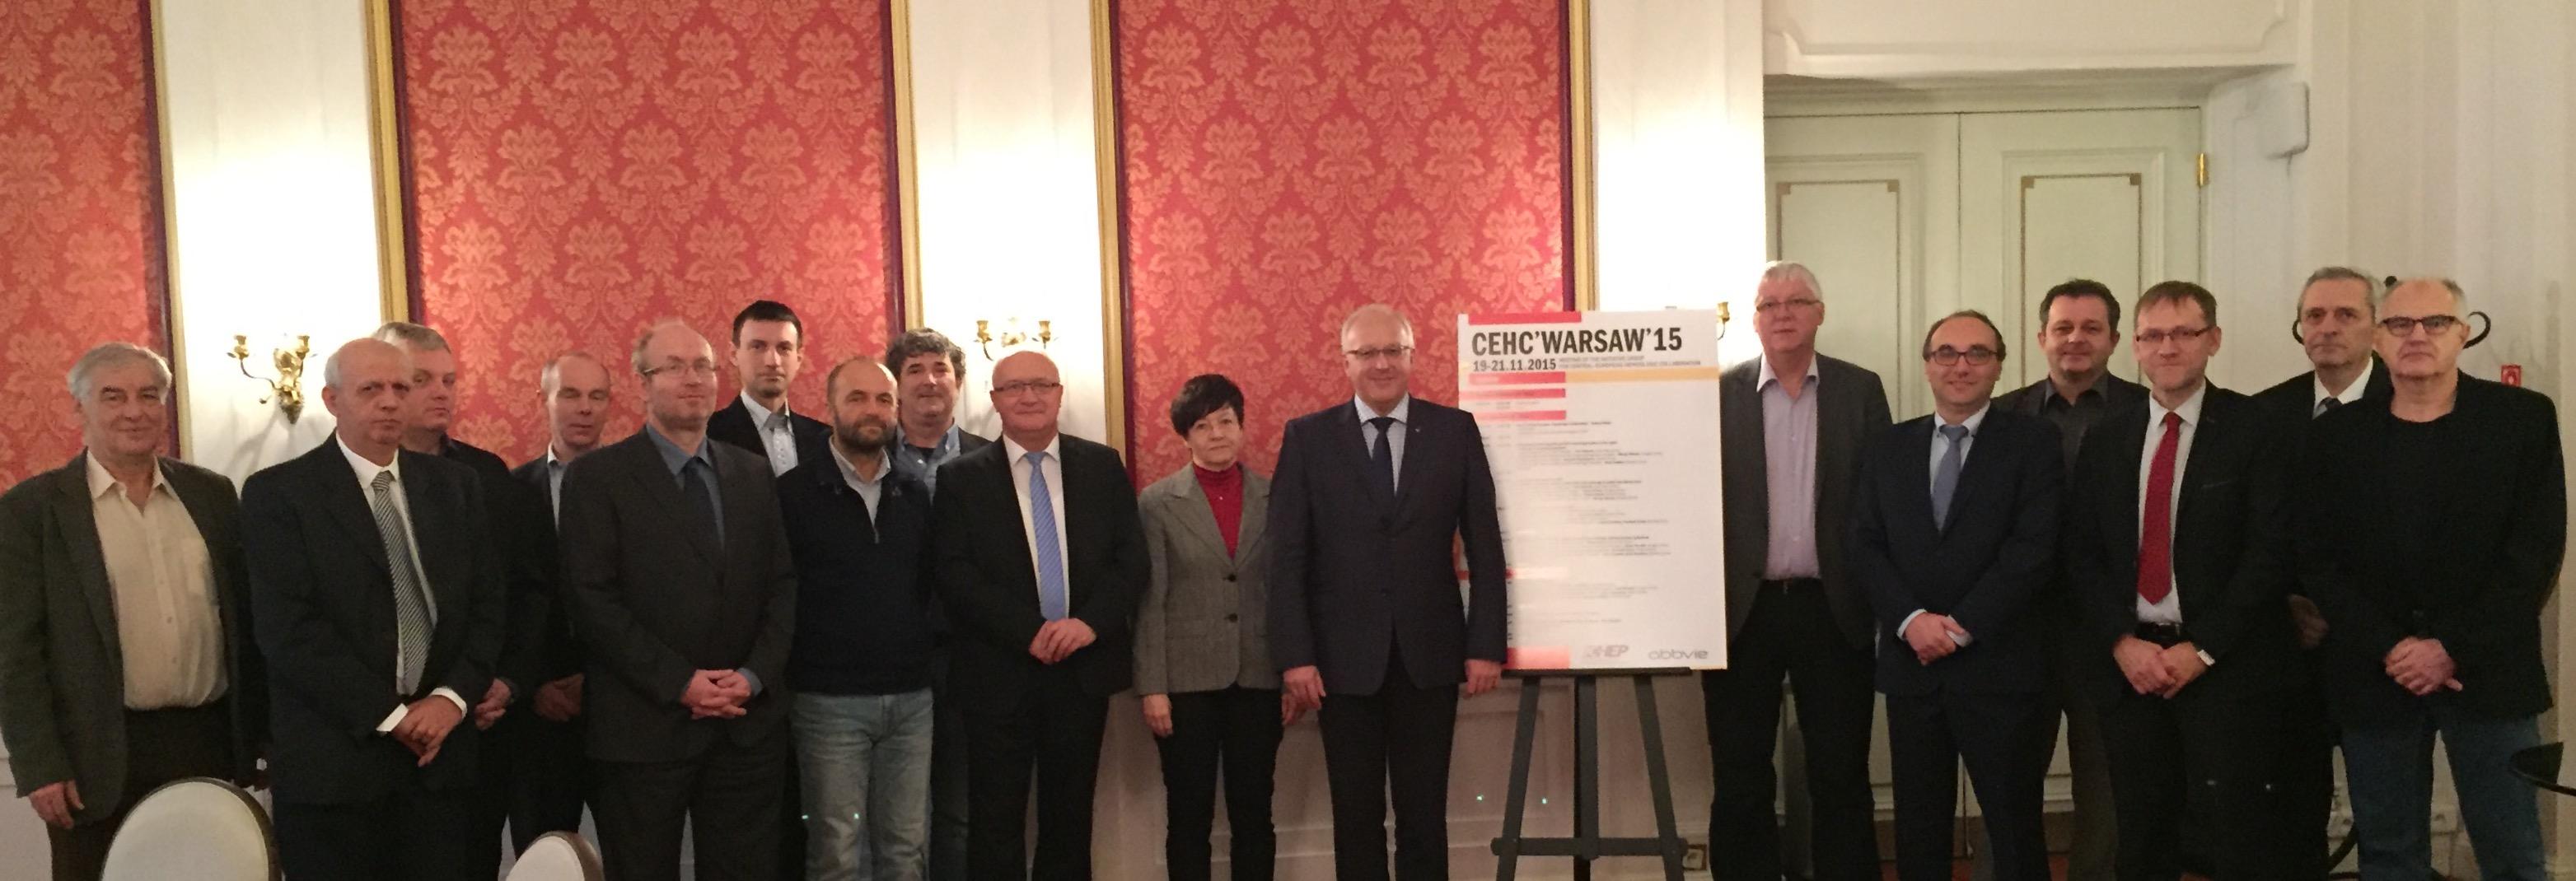 CEHCgroup-11-2015-photo